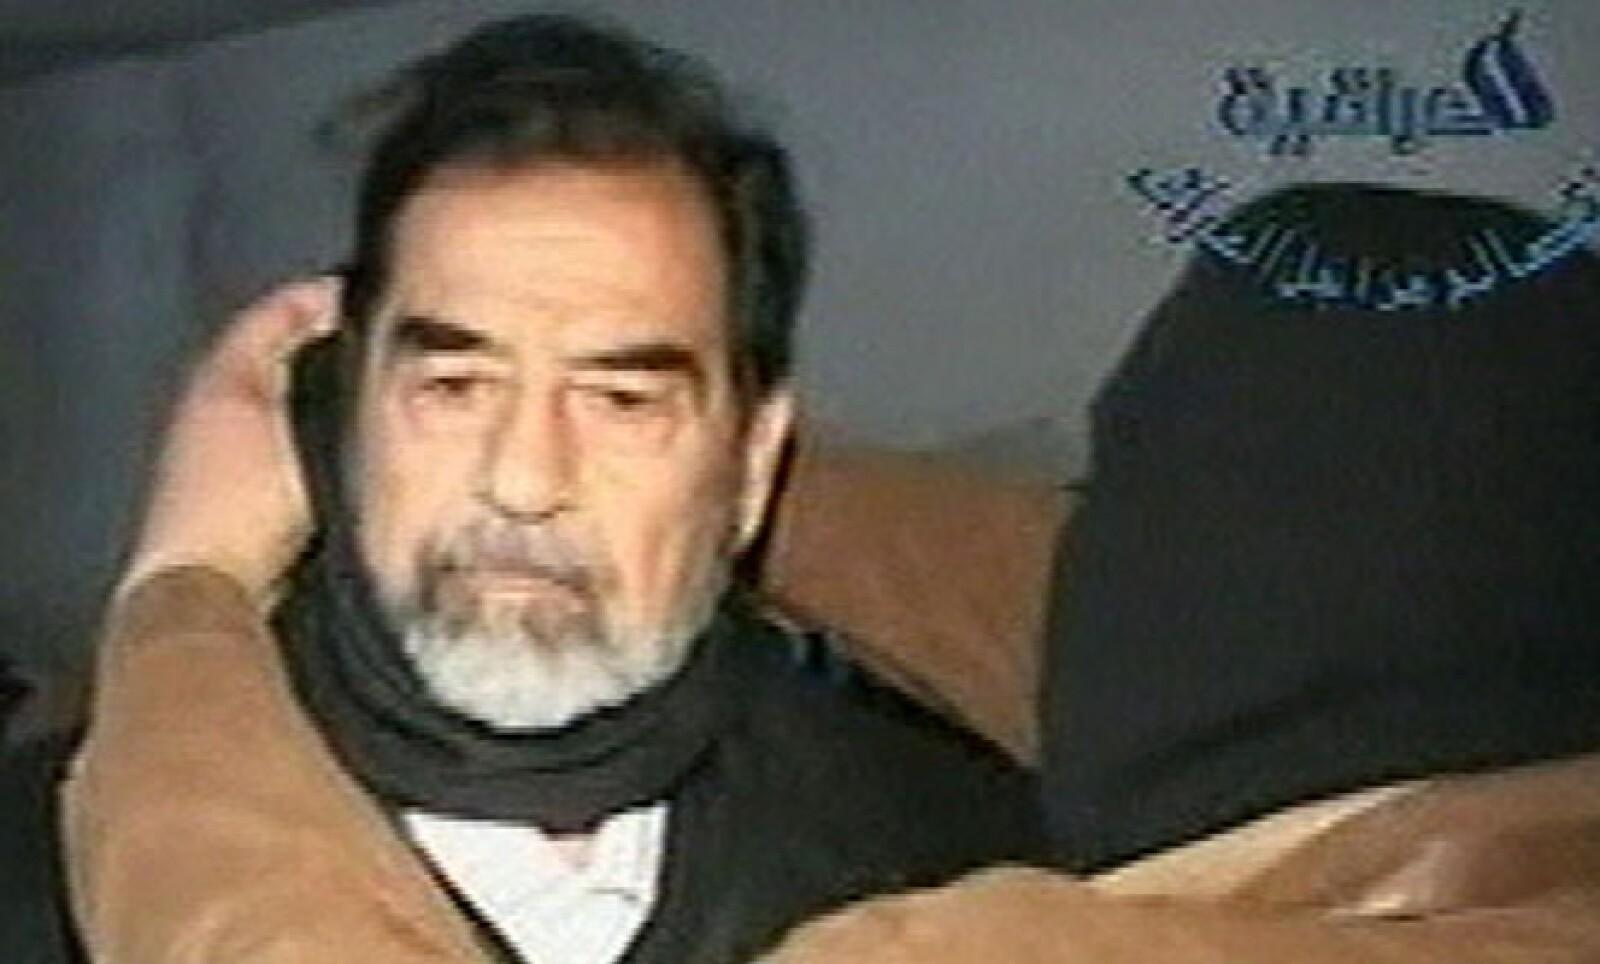 Después de la invasión de 2003, Saddam Hussein, presidente de Irak, fue capturado por las fuerzas armadas estadounidenses. En junio de 2004 inició su proceso de juicio político y finalmente fue ejecutado a finales de 2006 en una base al noreste de Baghdad